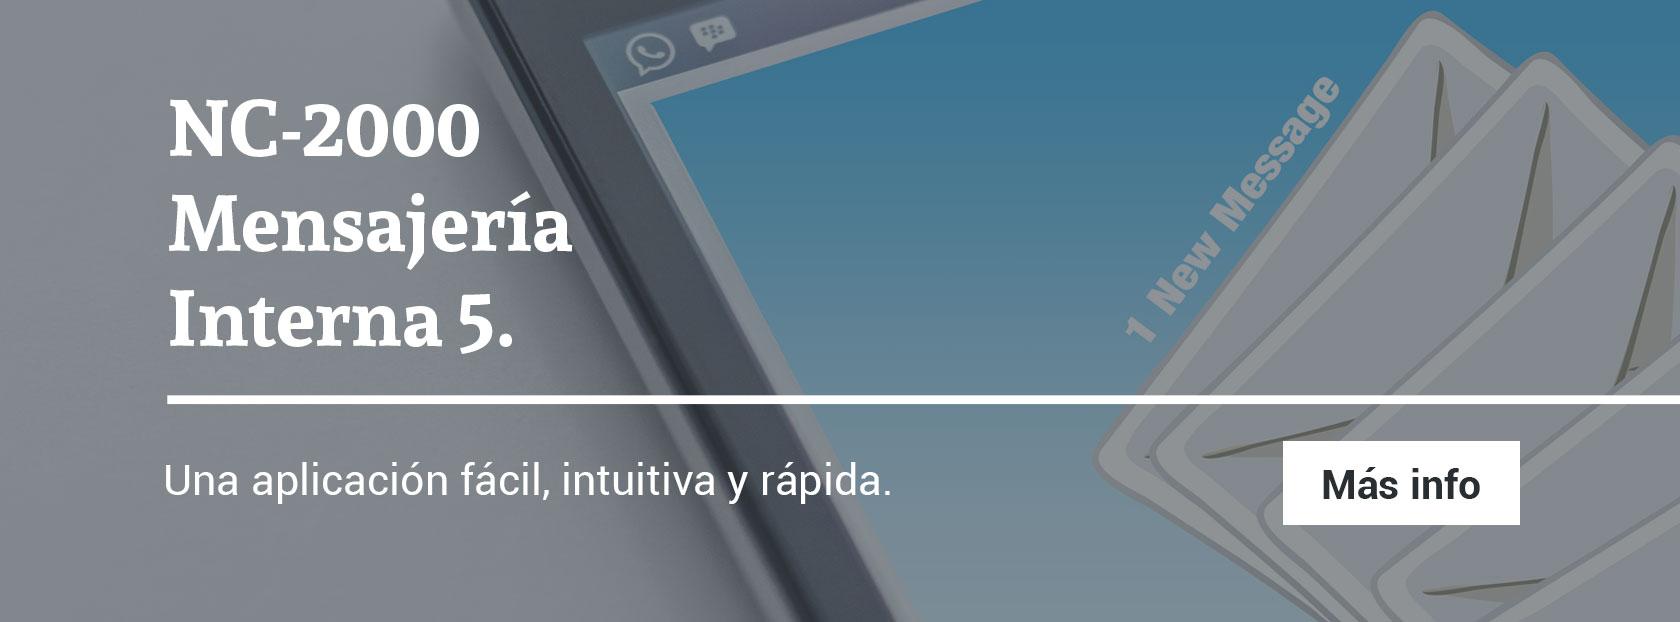 Software de mensajería interna